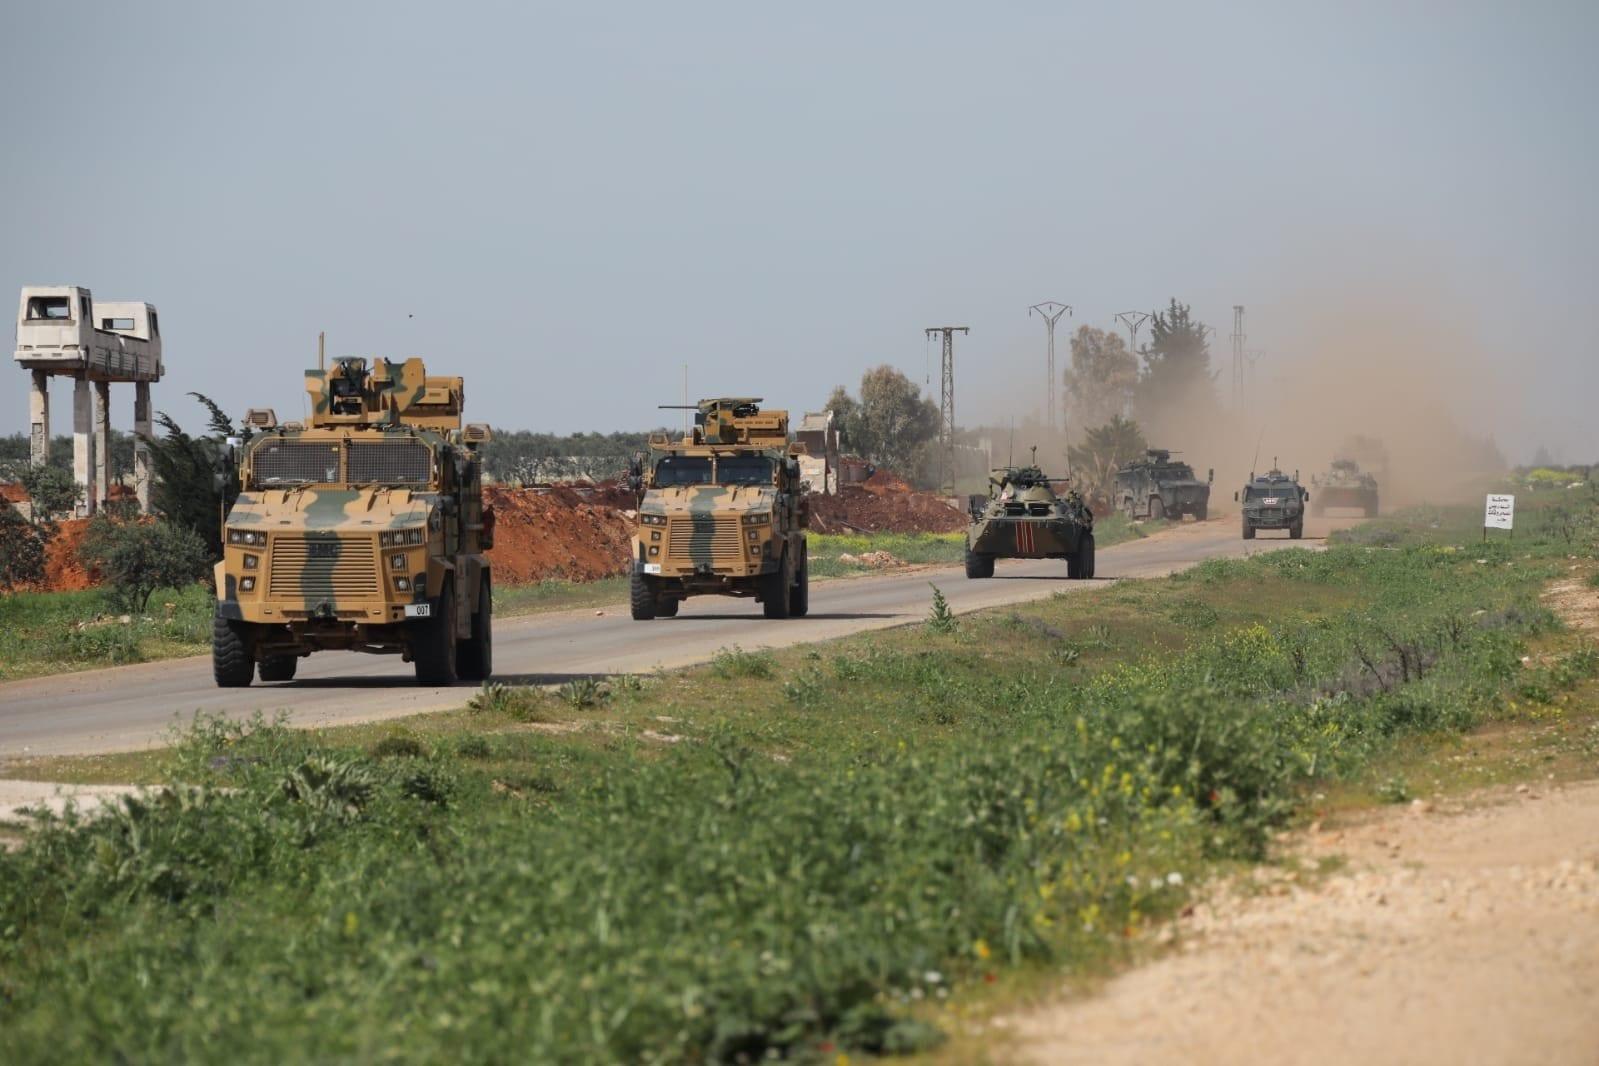 (صور) الدوريّة المشتركة الرابعة لروسيا وتركيا على طريق حلب – اللاذقيّة